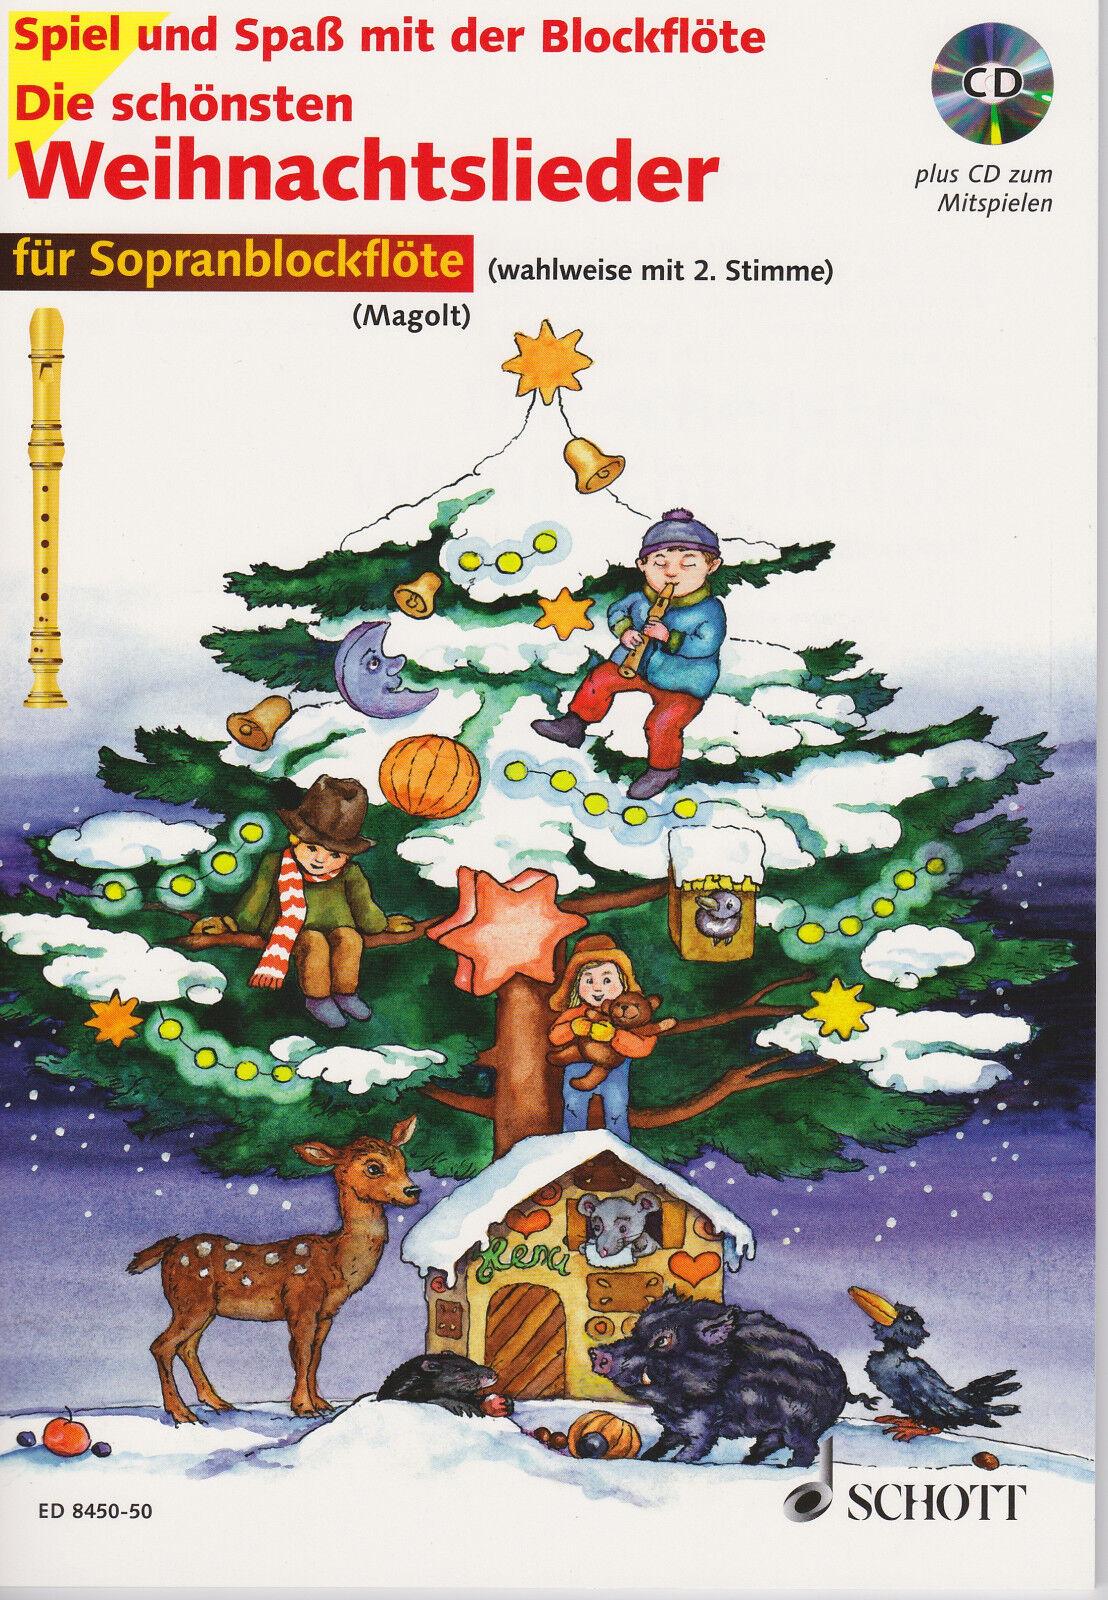 die schönsten Weihnachtslieder für Sopranblockflöte Noten CD | eBay